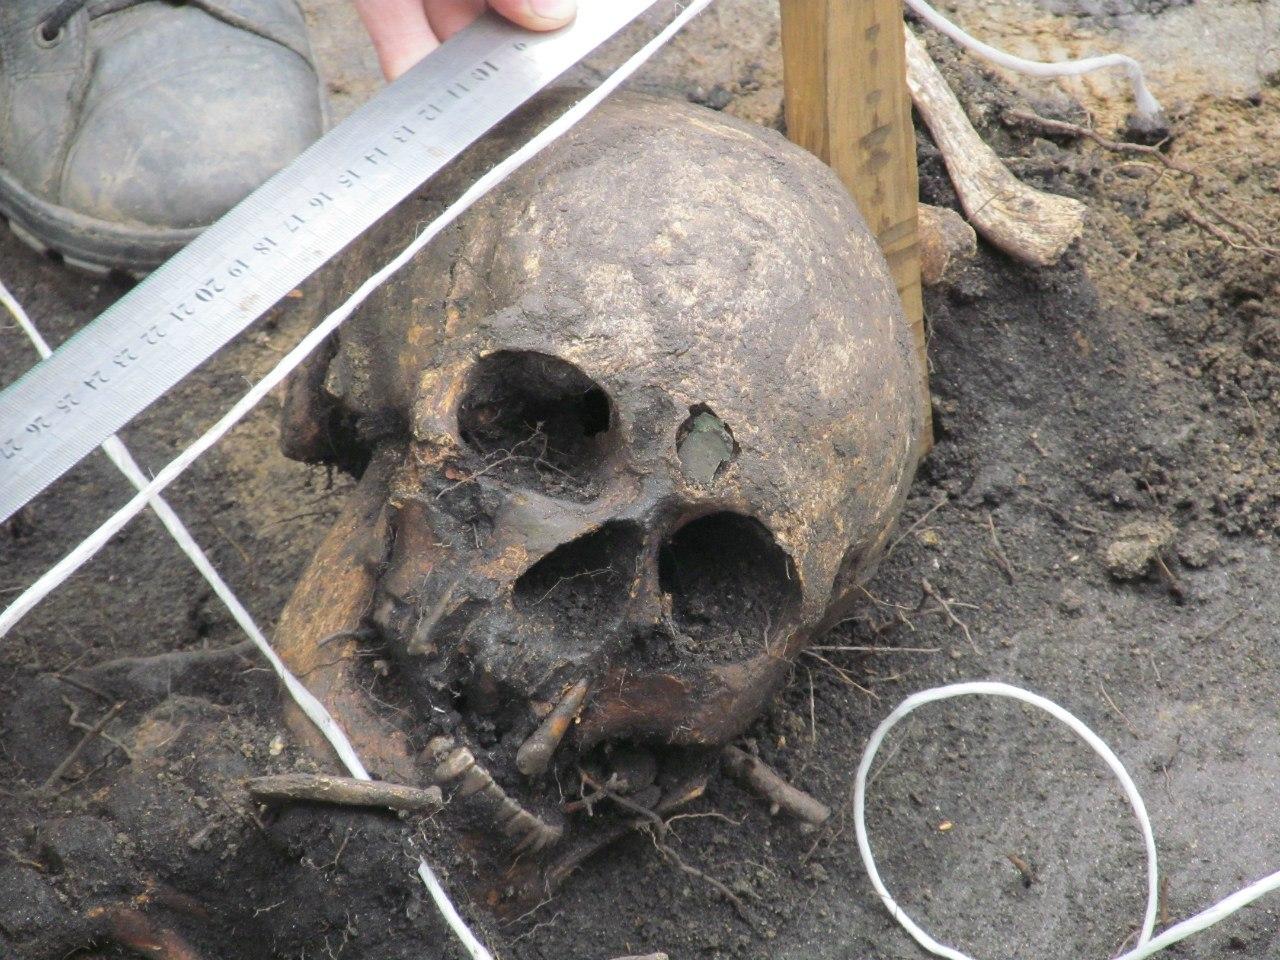 Археология. Раскоп возле дома.Захоронение, останки (06.11.2014)